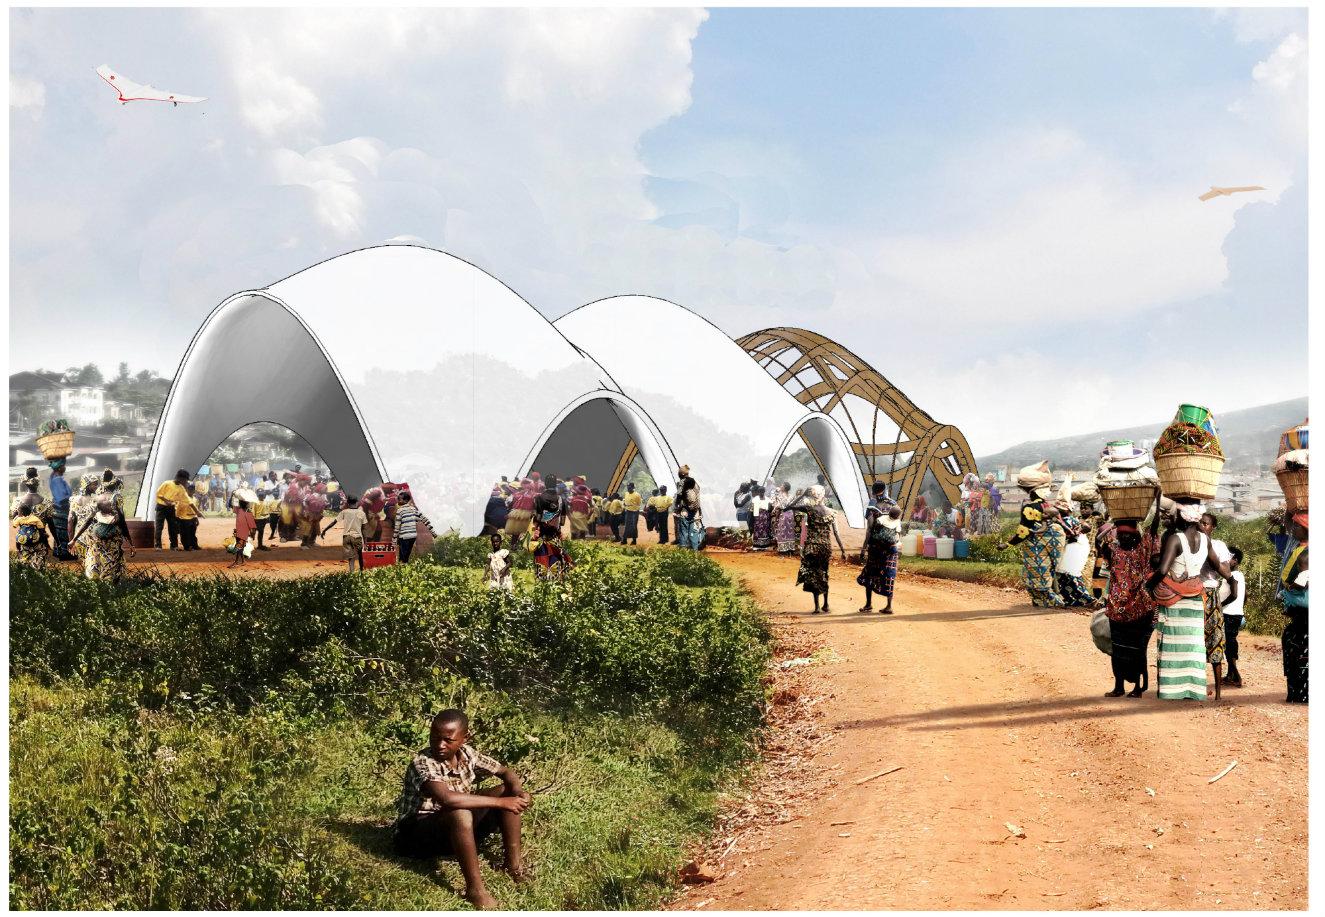 Imagen de uno de los proyectos que presentará Norman Foster Foundation.